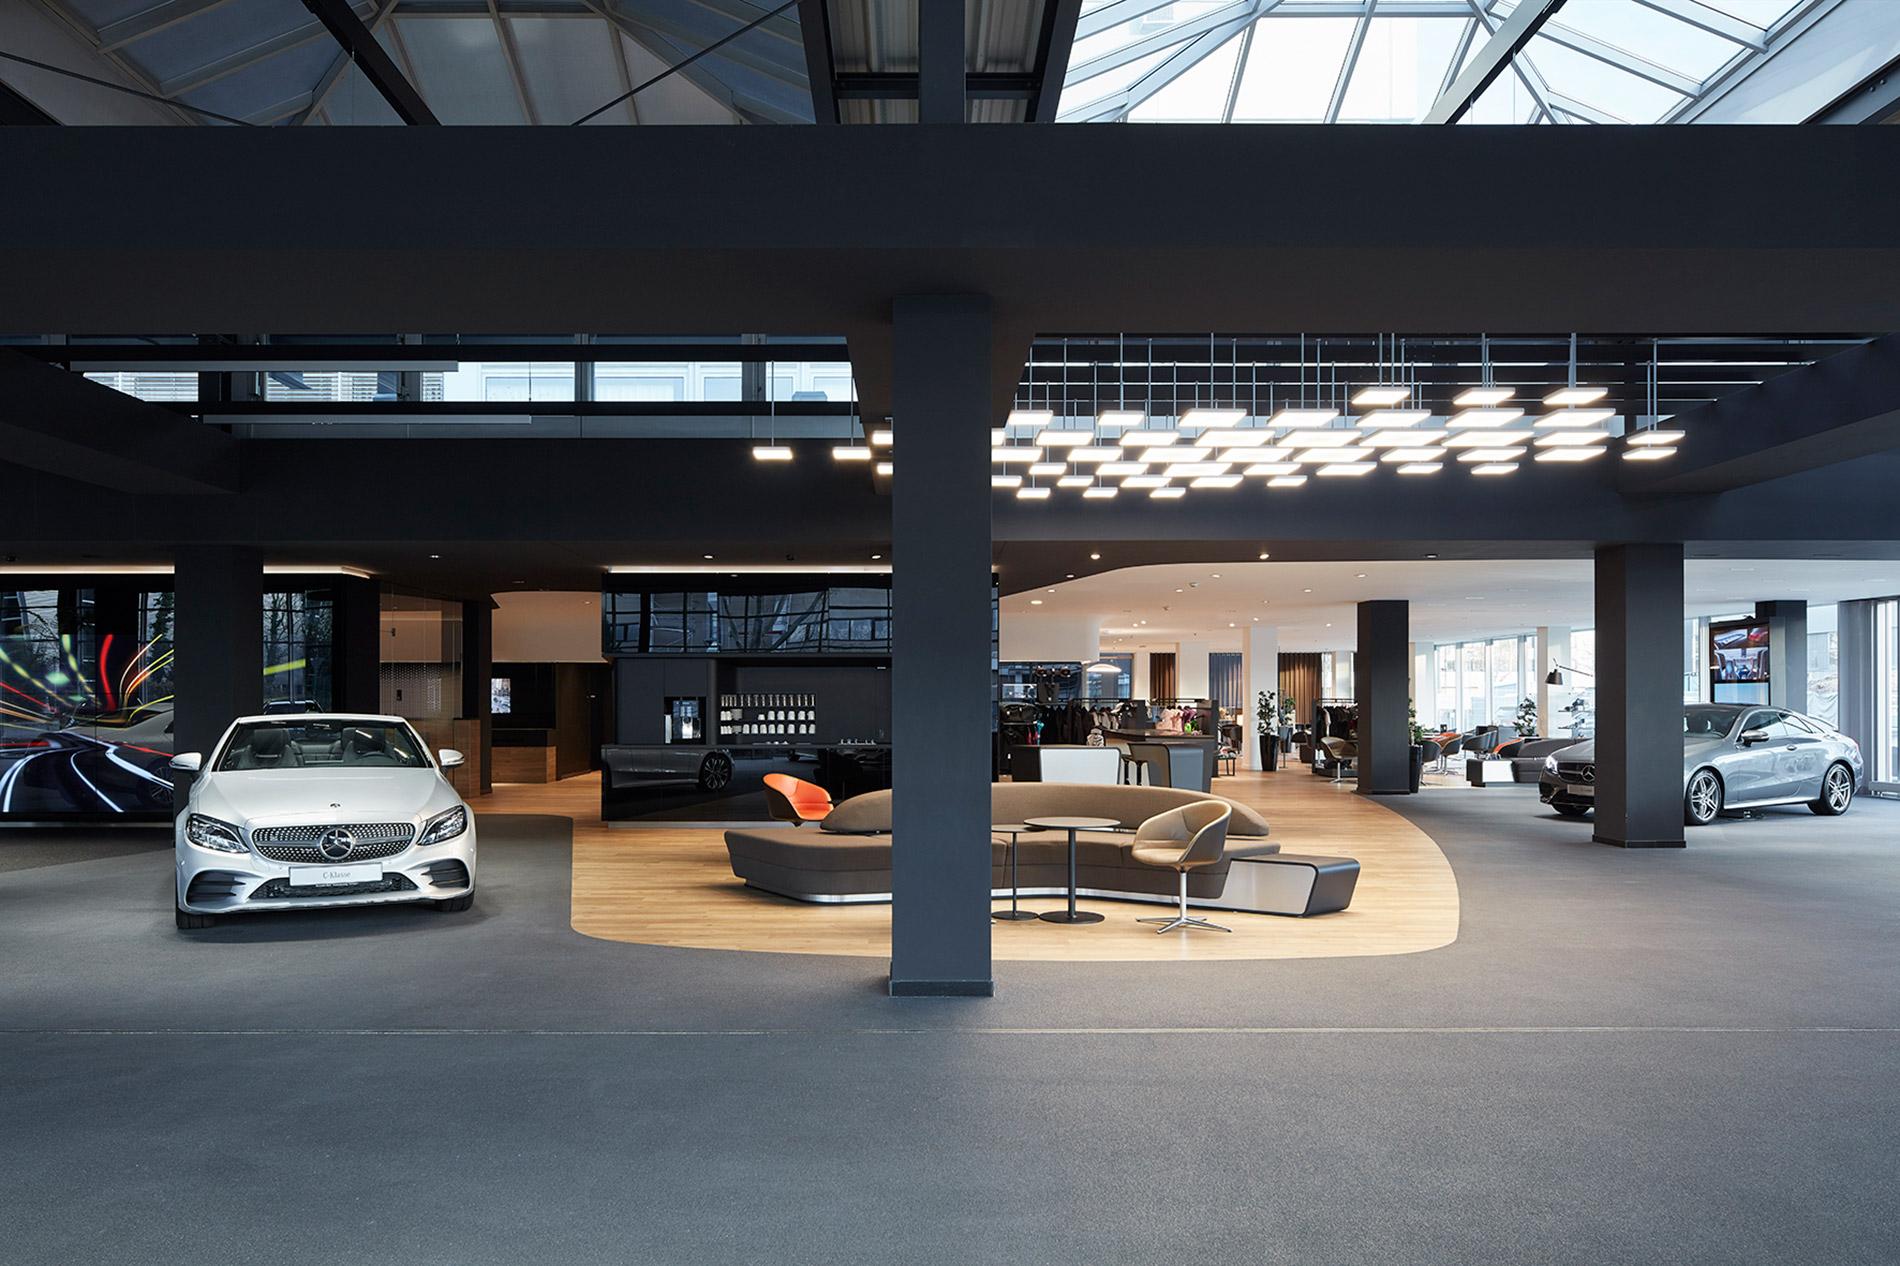 2019, Umbau Mercedes-Benz Niederlassung, Böblingen